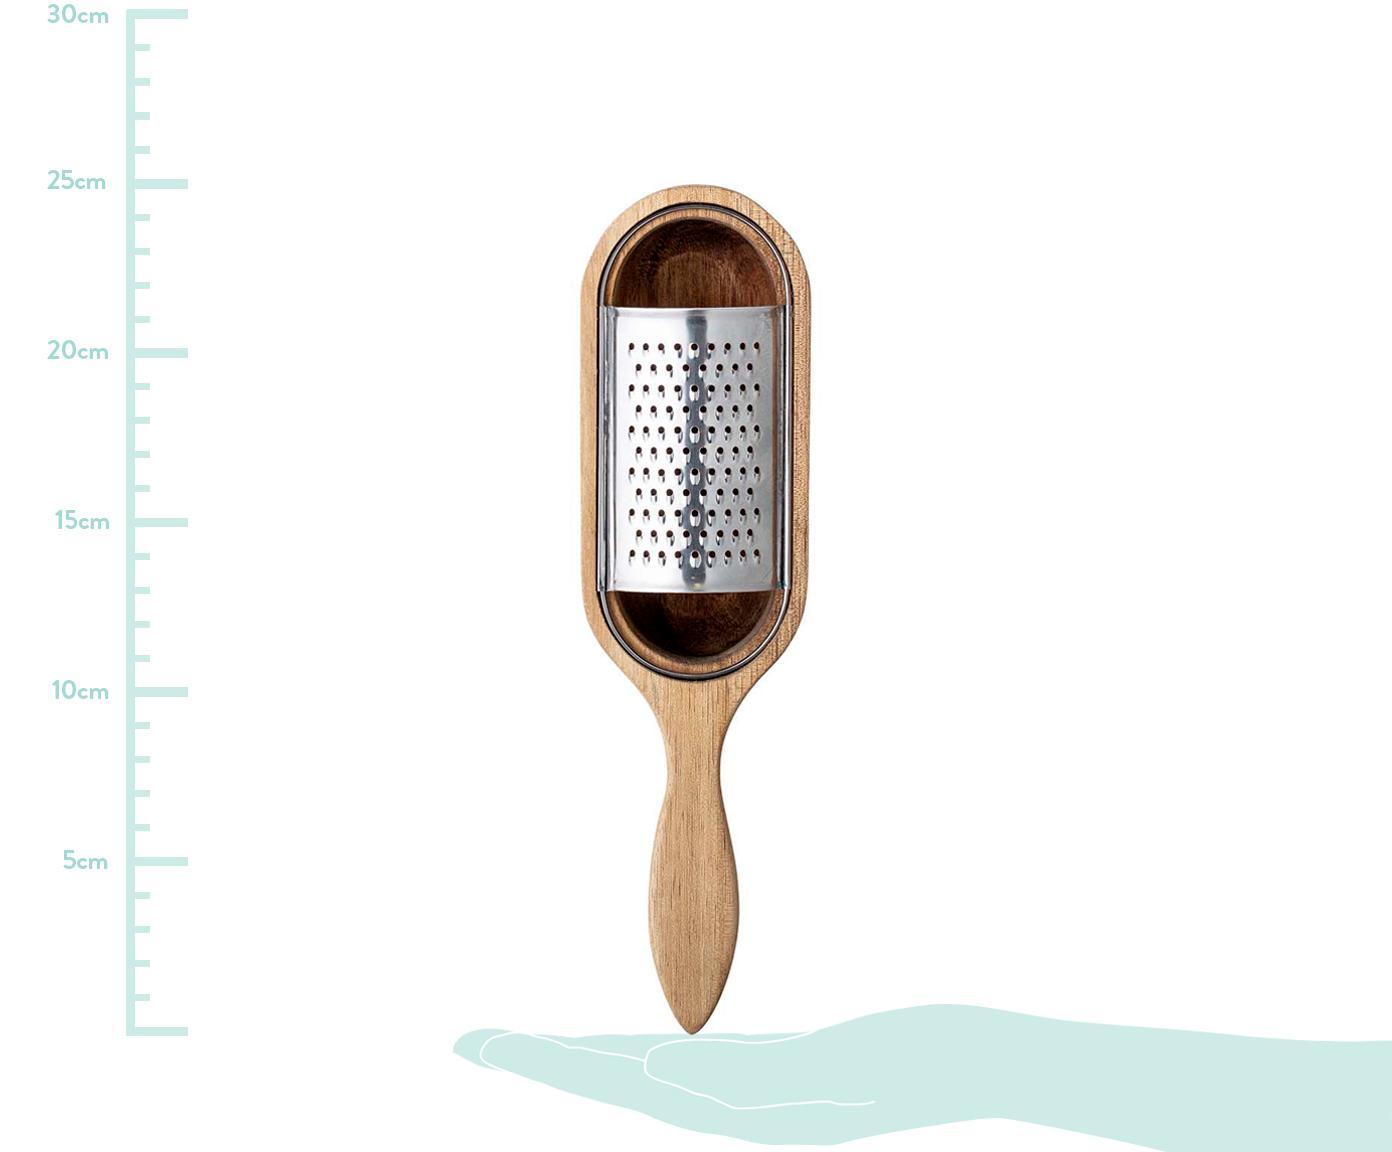 Komplet z tarką kuchenną Acci, 2 elem., Drewno akacjowe, stal szlachetna, S 25 x T 7 cm